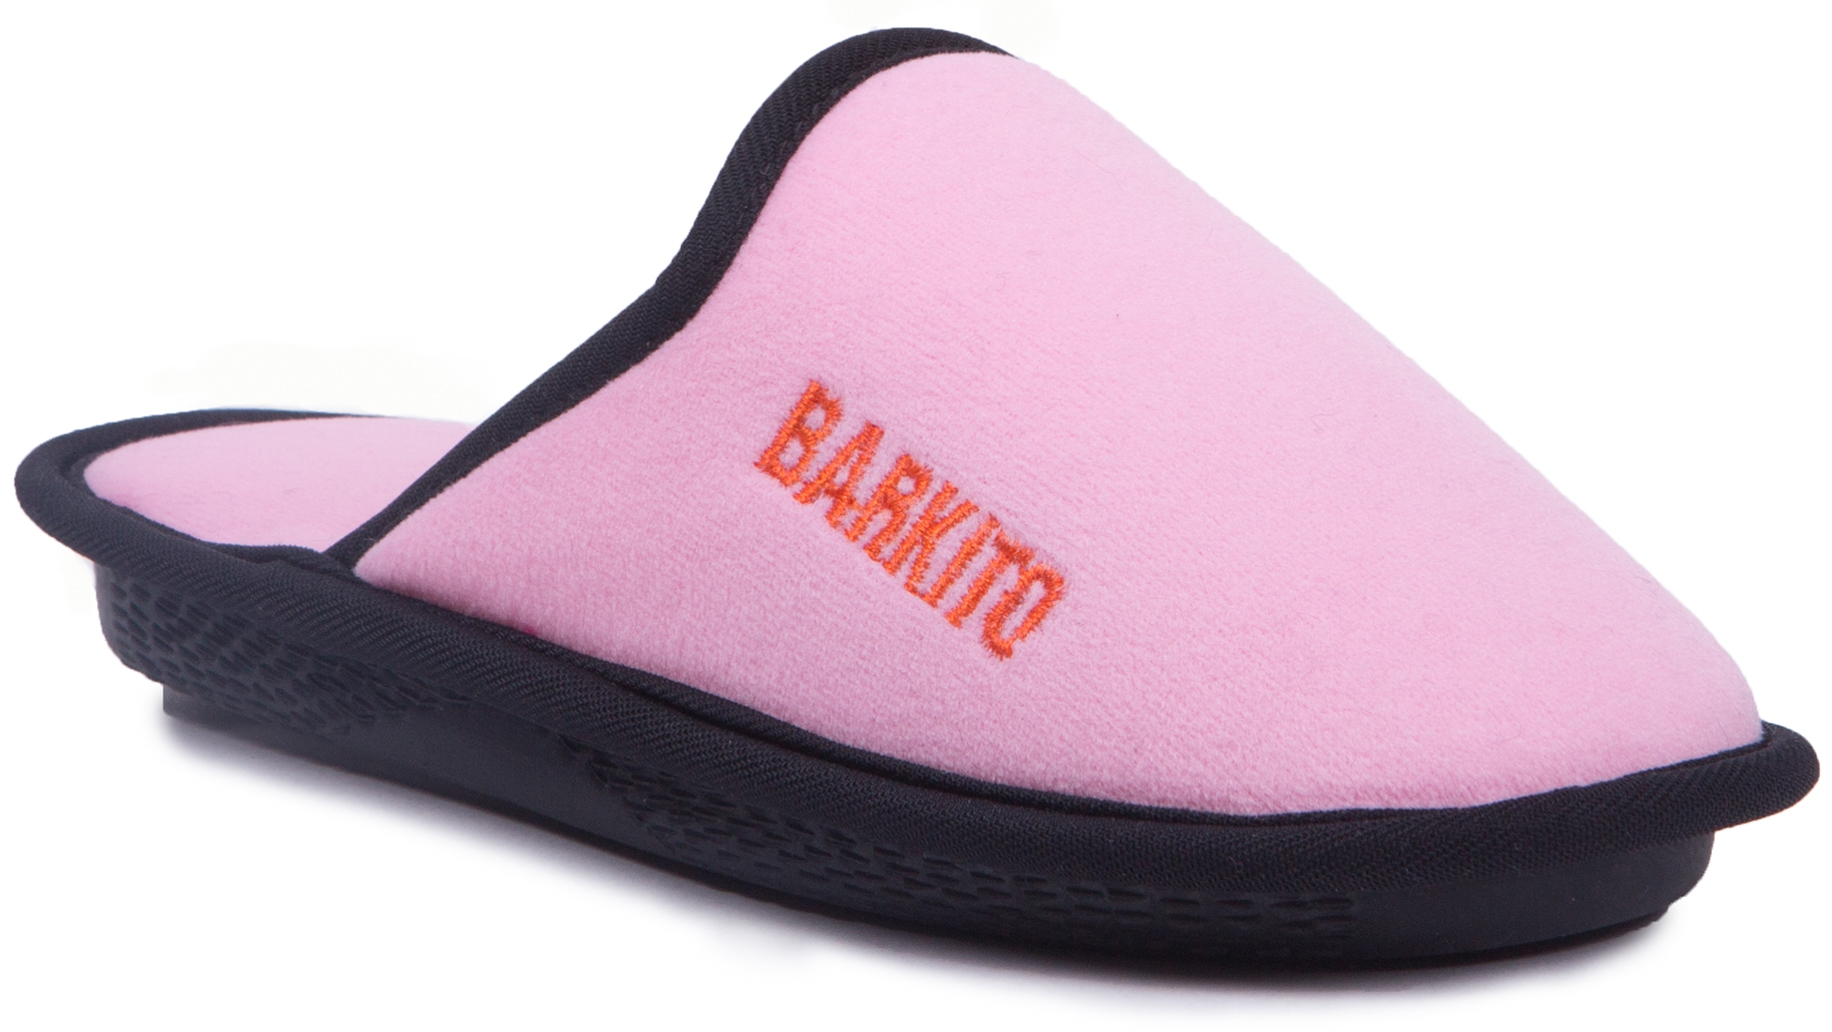 Тапочки Barkito Пантолеты для девочки Barkito, розовые